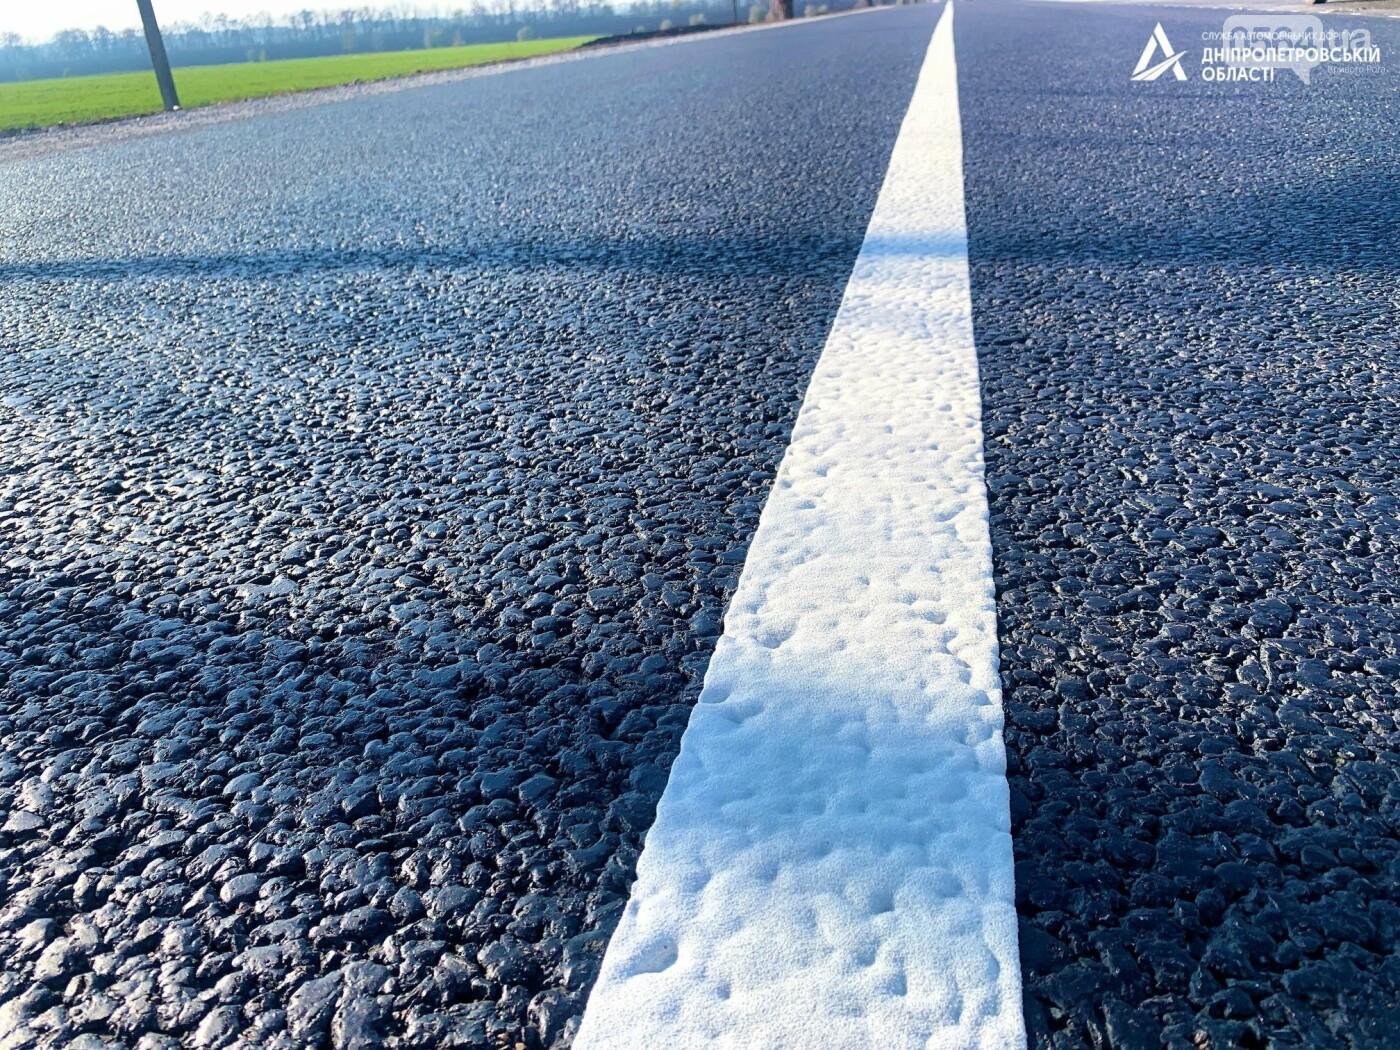 Завершается ремонт трассы Кривой Рог - Николаев  - дорожники наносят разметку и устанавливают знаки, - ФОТО , фото-1